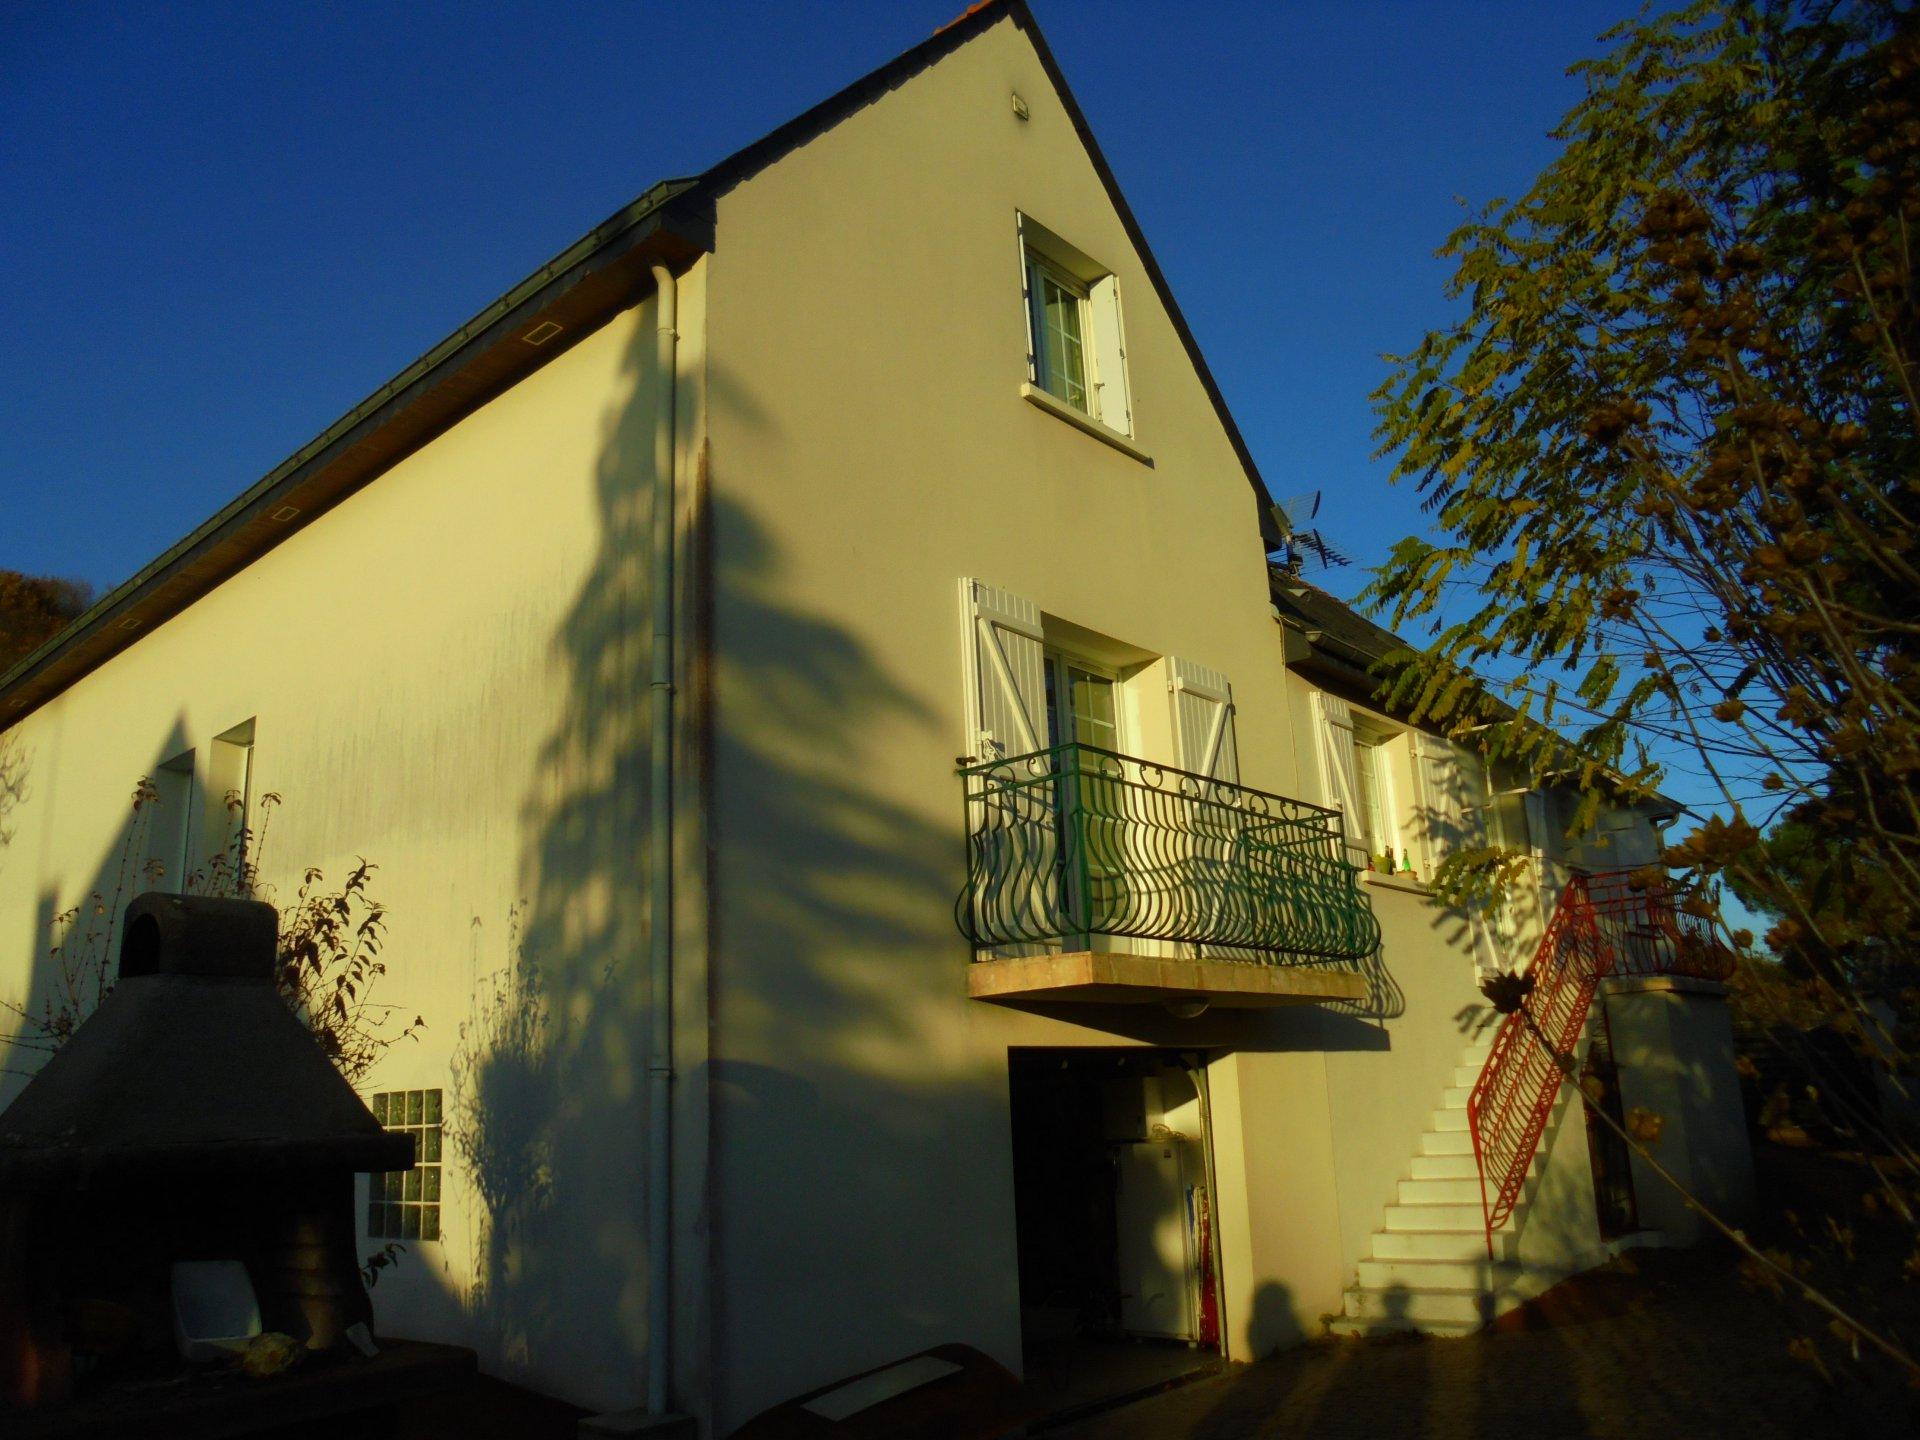 Maison de famille - Saint Patrice